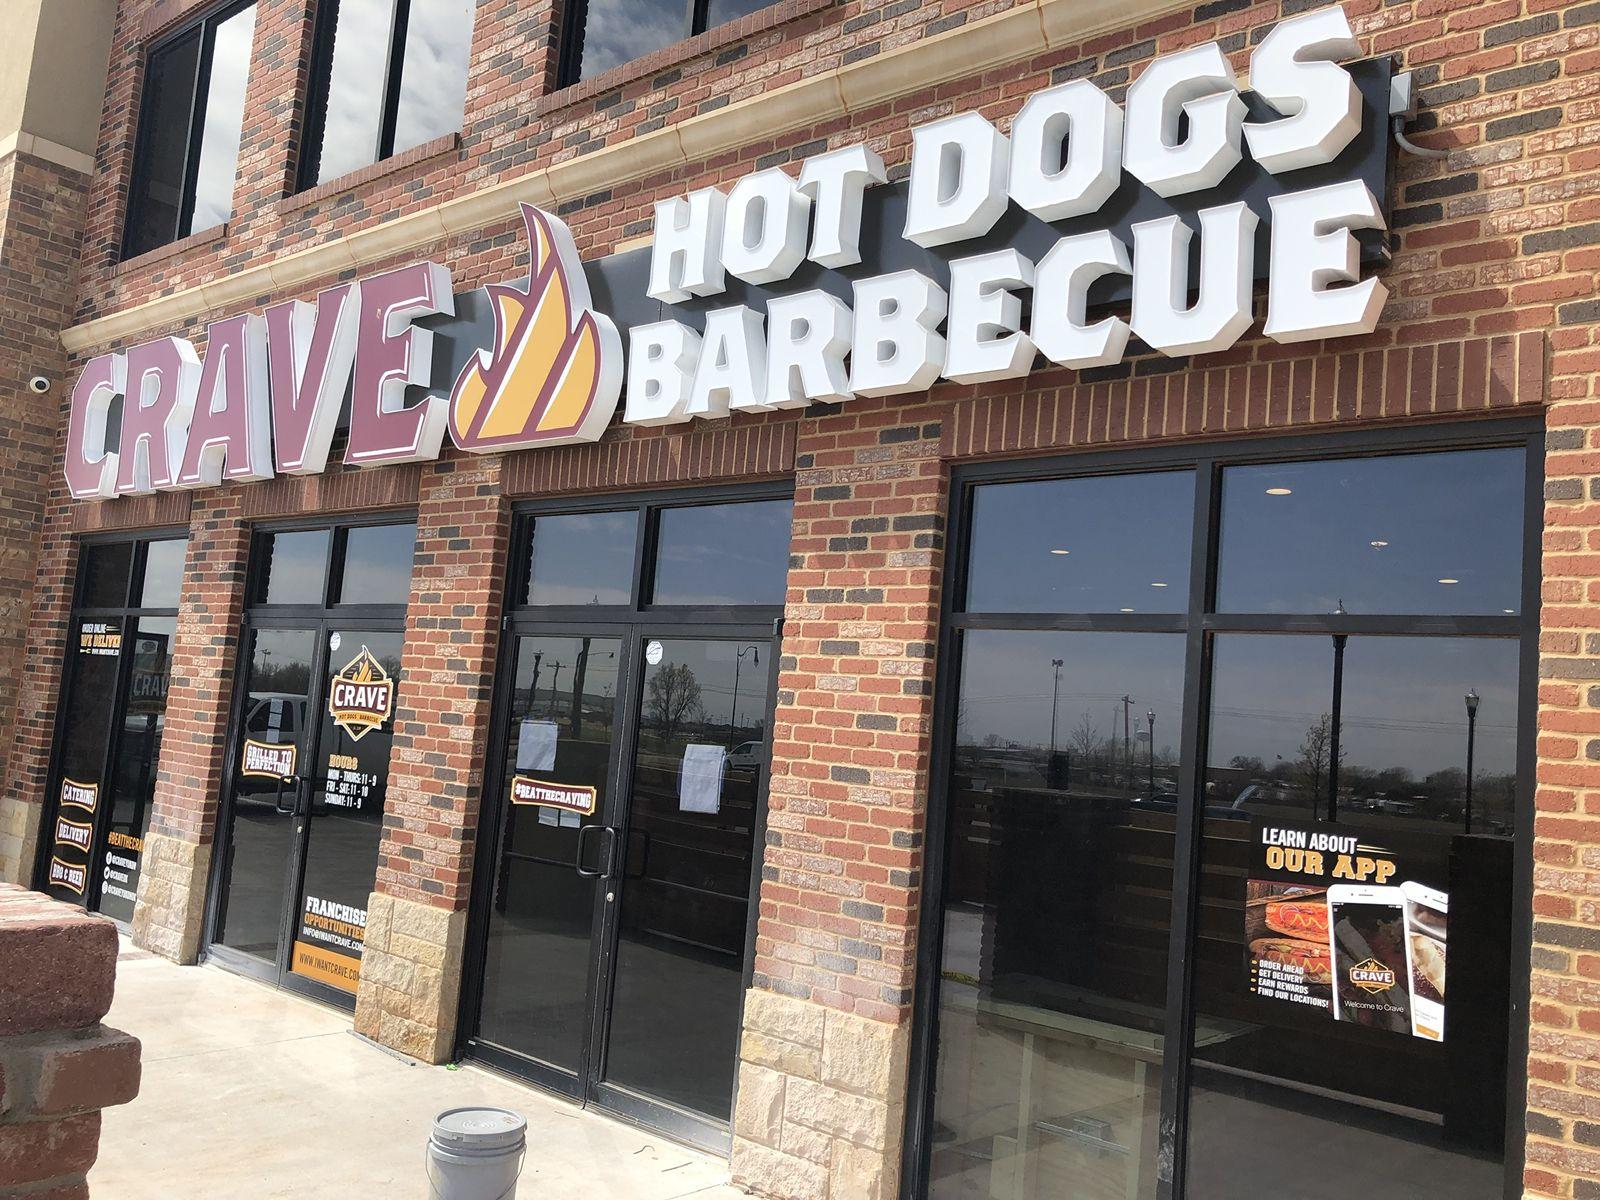 Crave Hot Dogs and BBQ célèbre l'année de la bannière